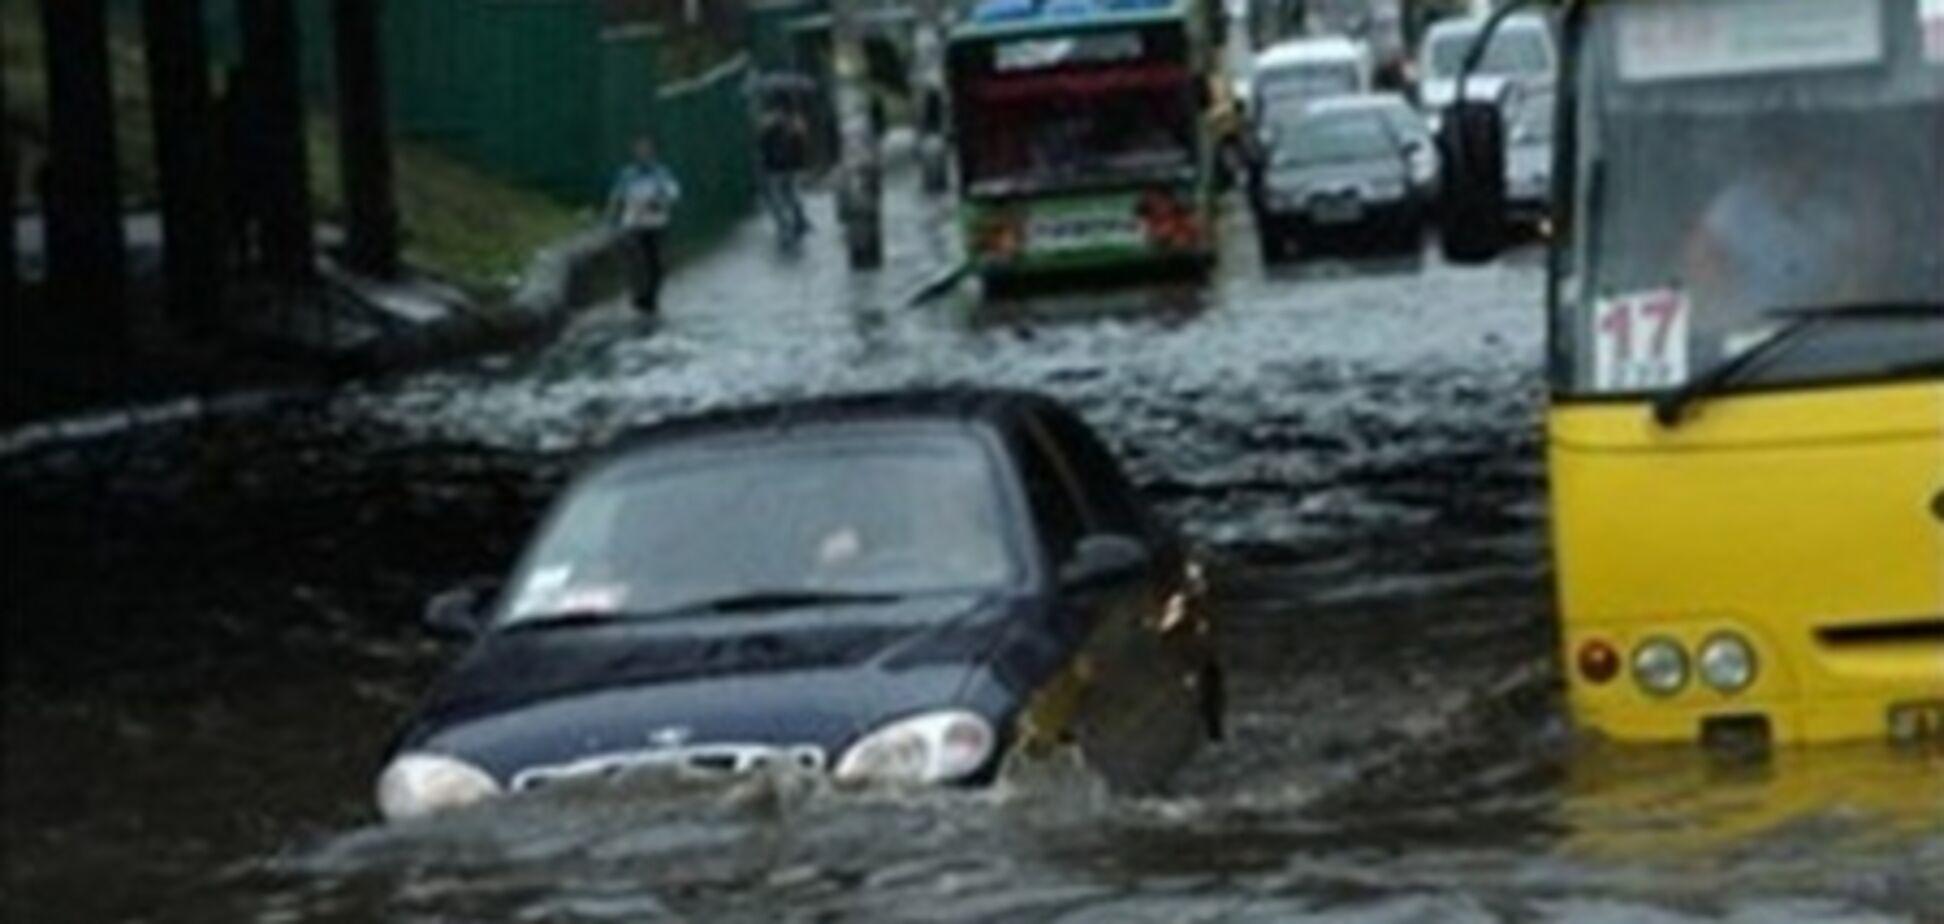 ГАИ рассказала, как вести себя во время наводнения и паводка. Памятка